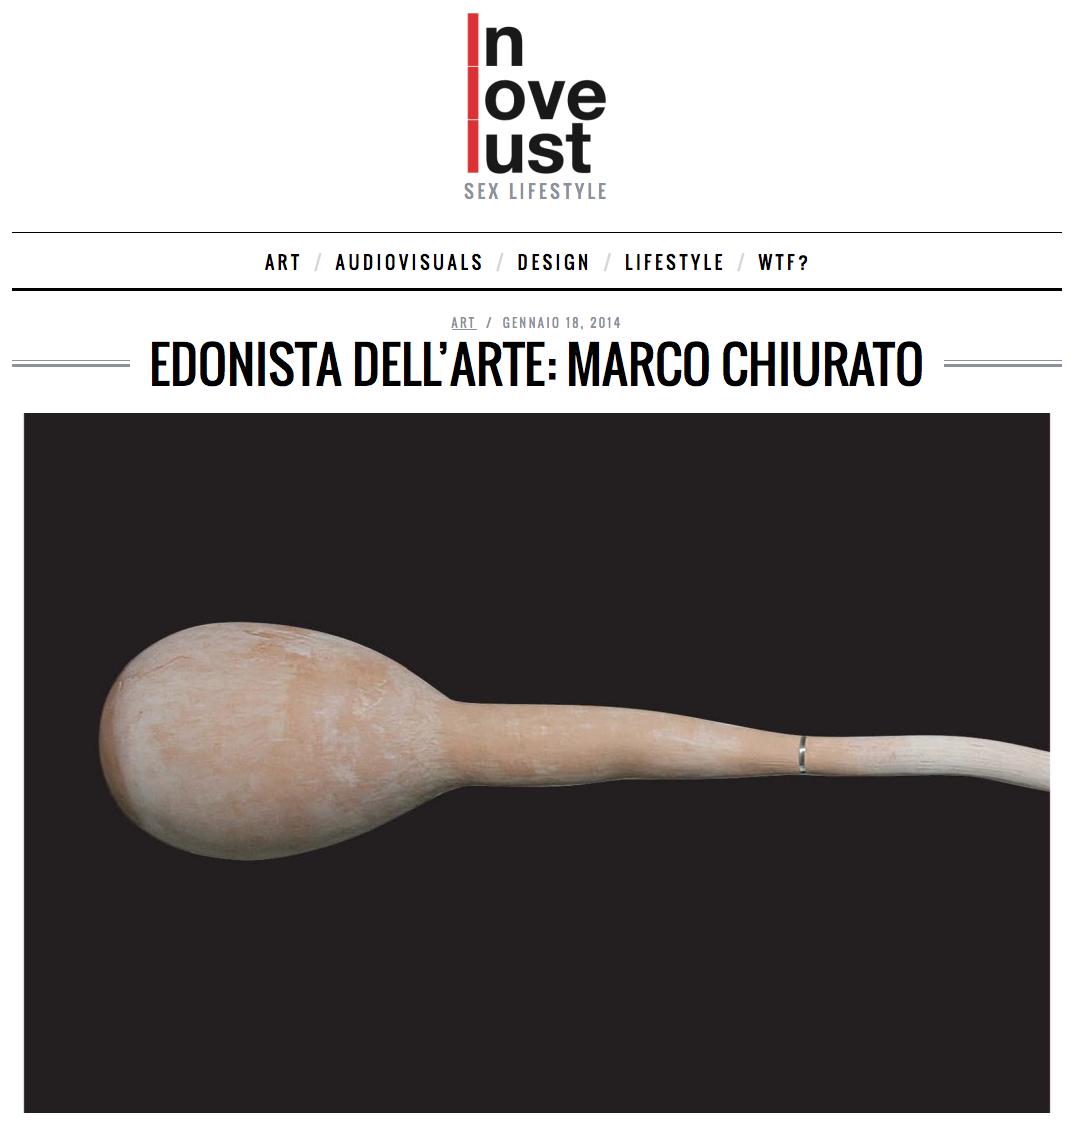 http://www.inlovelust.com/edonista-dell-arte-contemporanea-sesso-fallo-marco-chiurato/